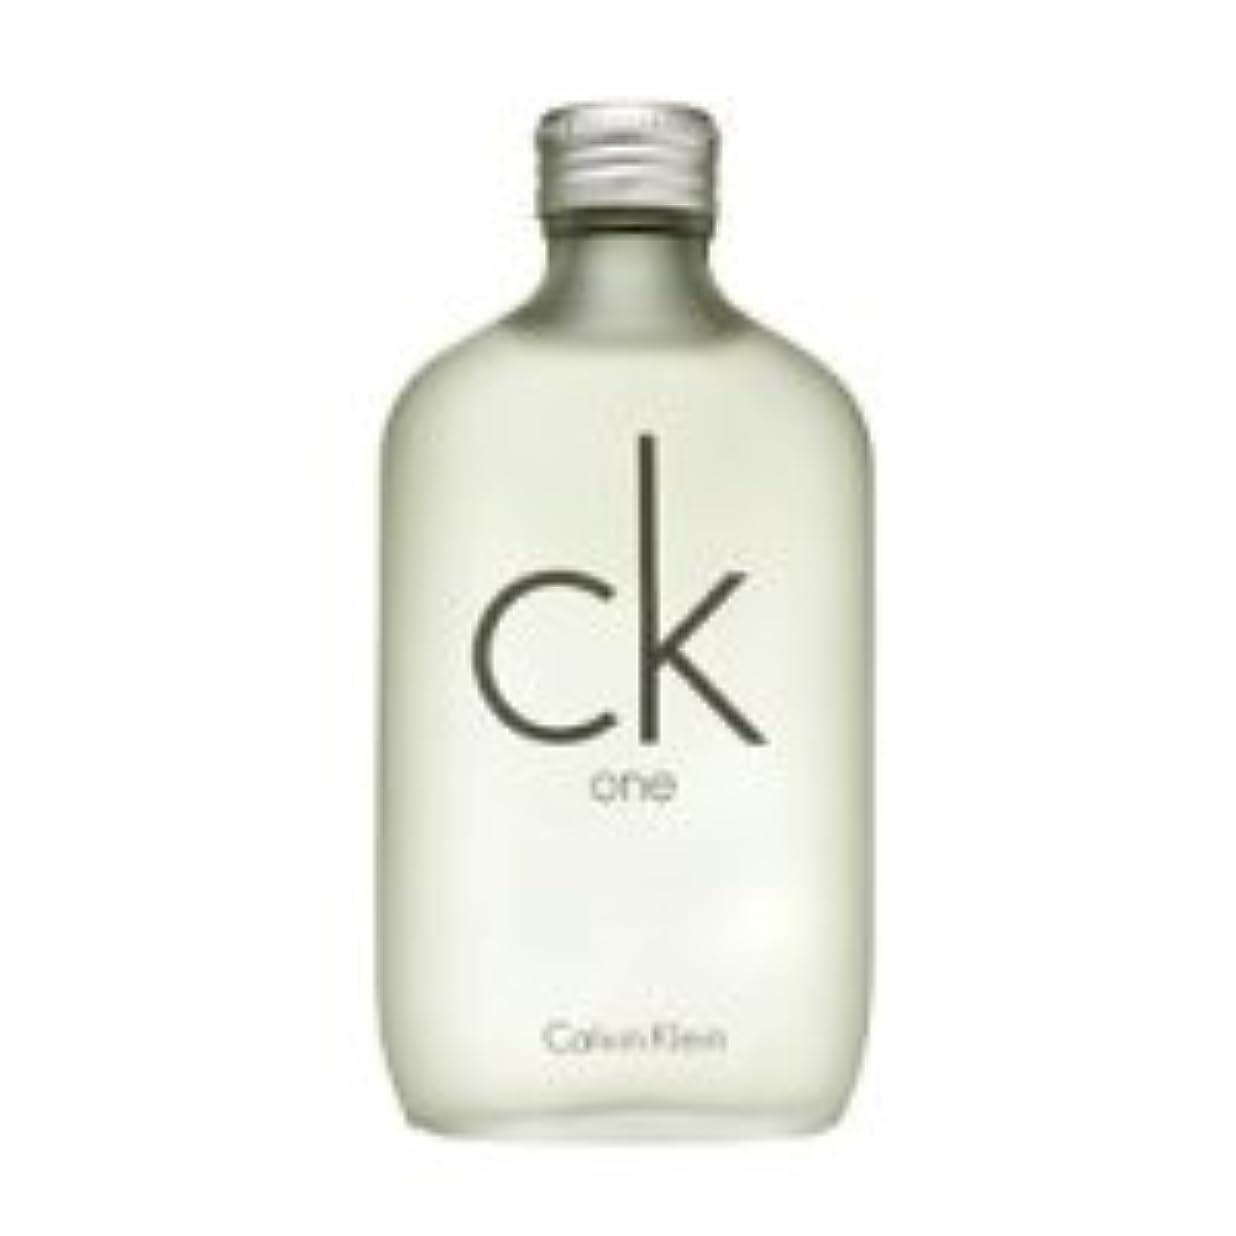 カルバンクライン(Calvin Klein) シーケーワン(CK ONE) ET200ml SP[並行輸入品]